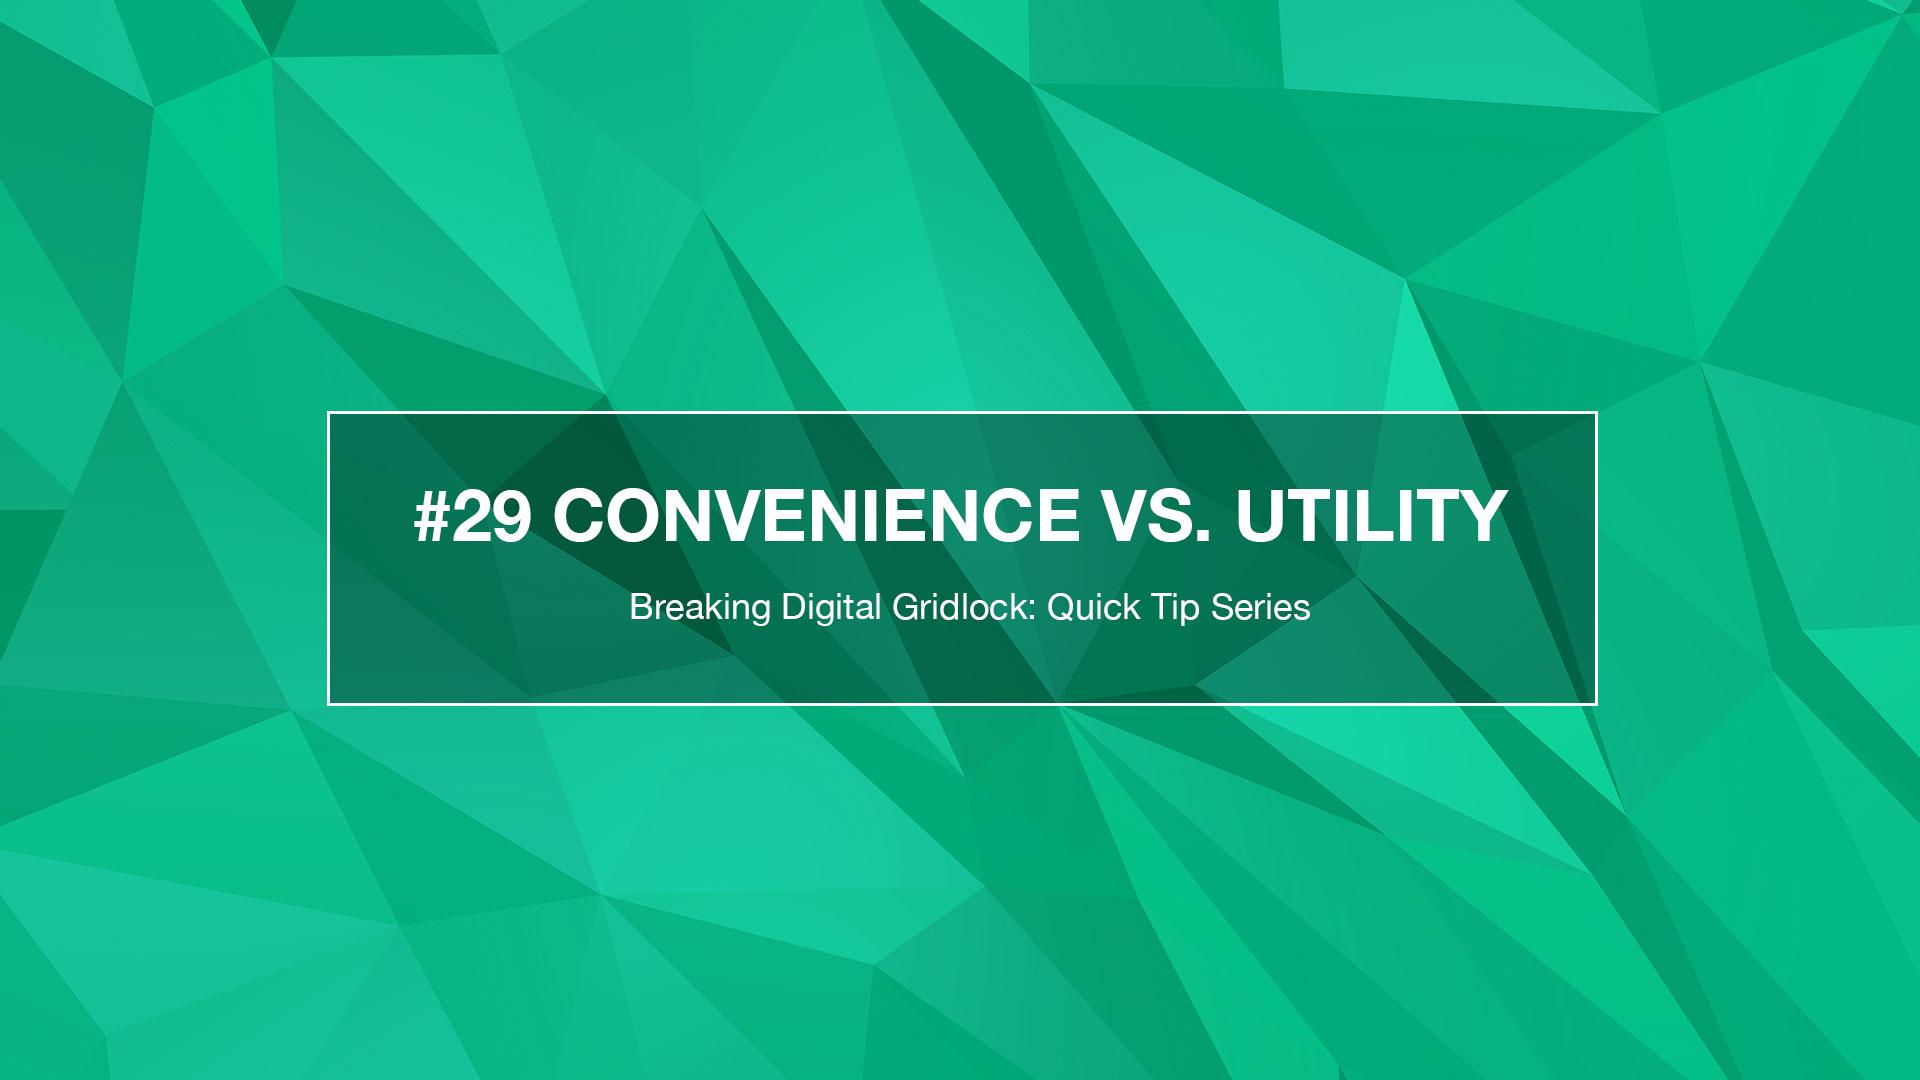 Breaking Weekly Digital Gridlock #29: Convenience vs. Utility